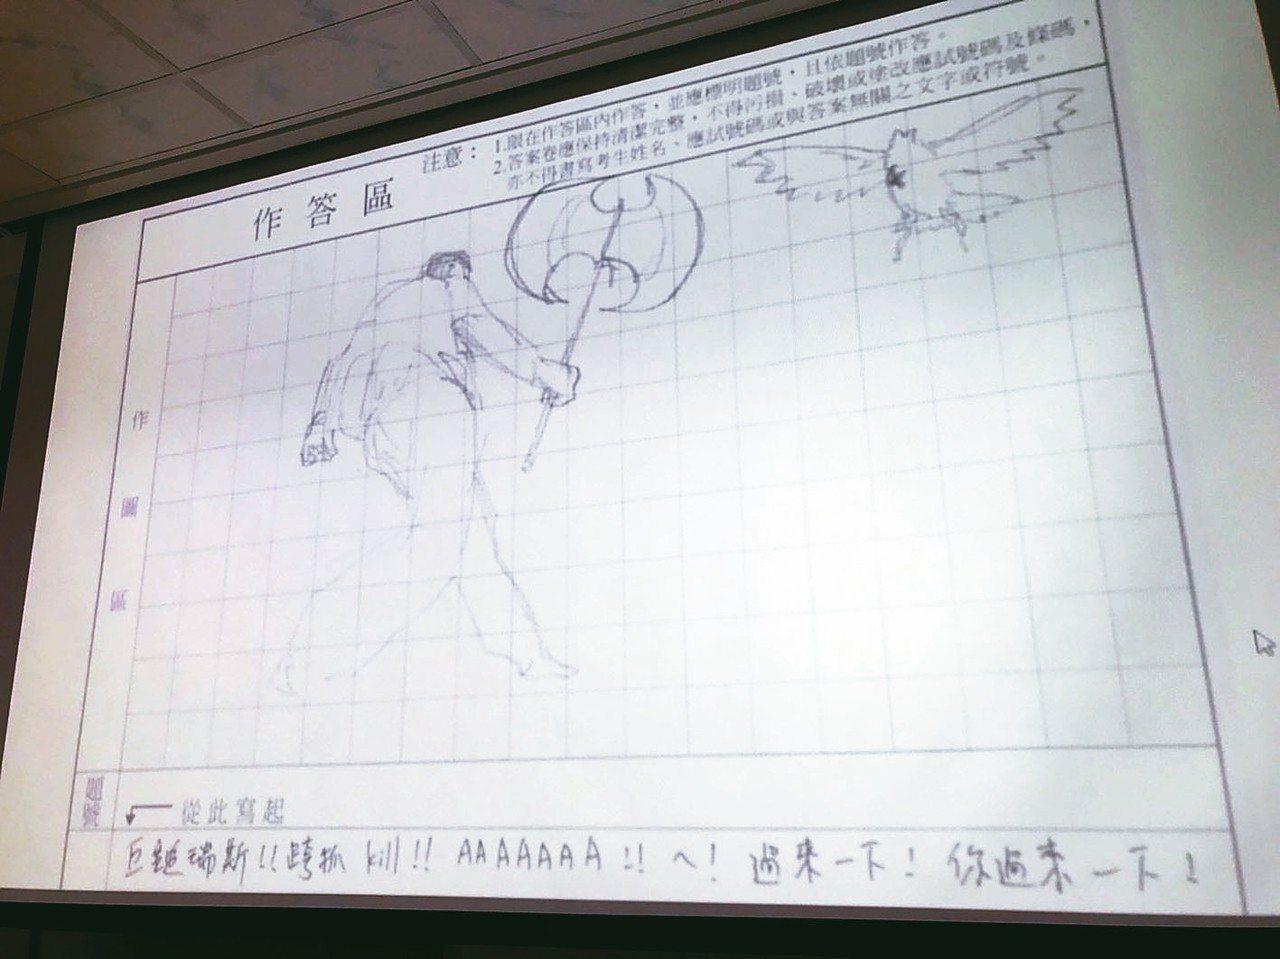 大考中心公布指考違規試卷,有考生在試卷上畫遊戲英雄聯盟的一個角色巨鎚瑞斯。 記者...